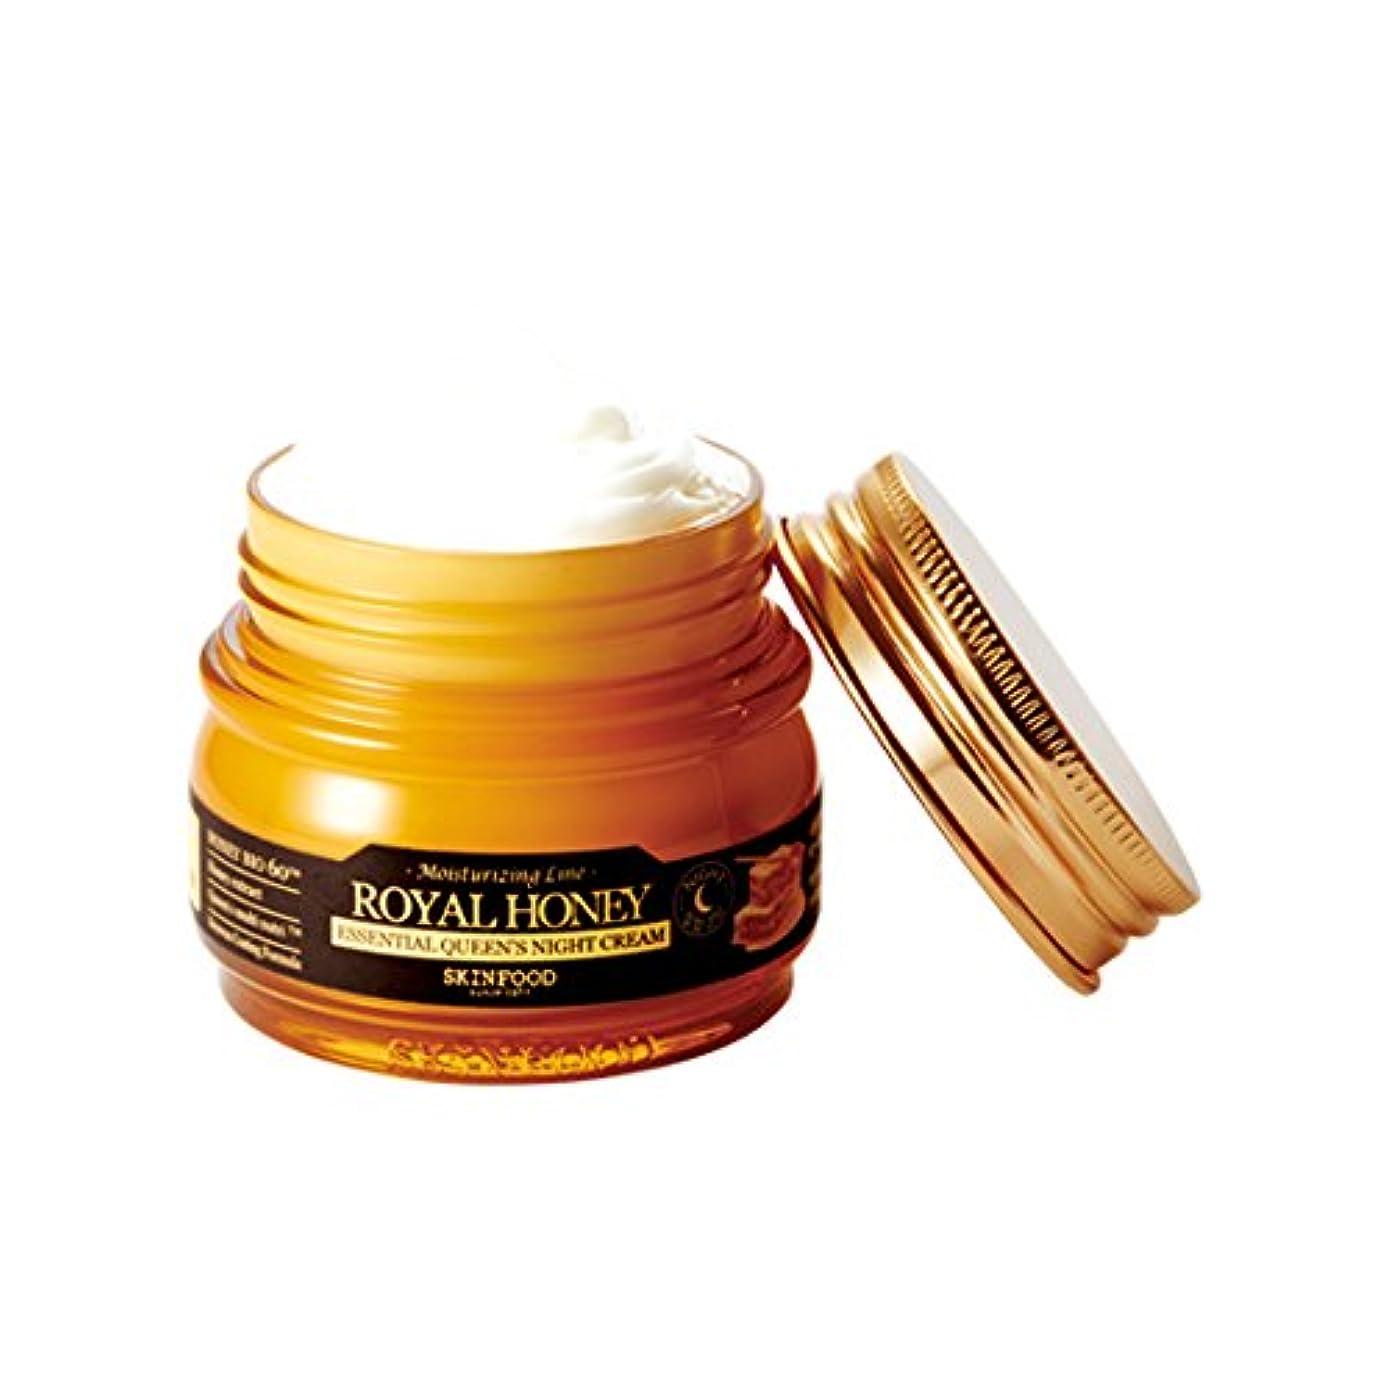 ジョージエリオット借りている怒りSKINFOOD Royal Honey Essential Queen's Night Cream 63ml / スキンフード ロイヤルハニーエッセンシャルクイーンズナイトクリーム 63ml [並行輸入品]